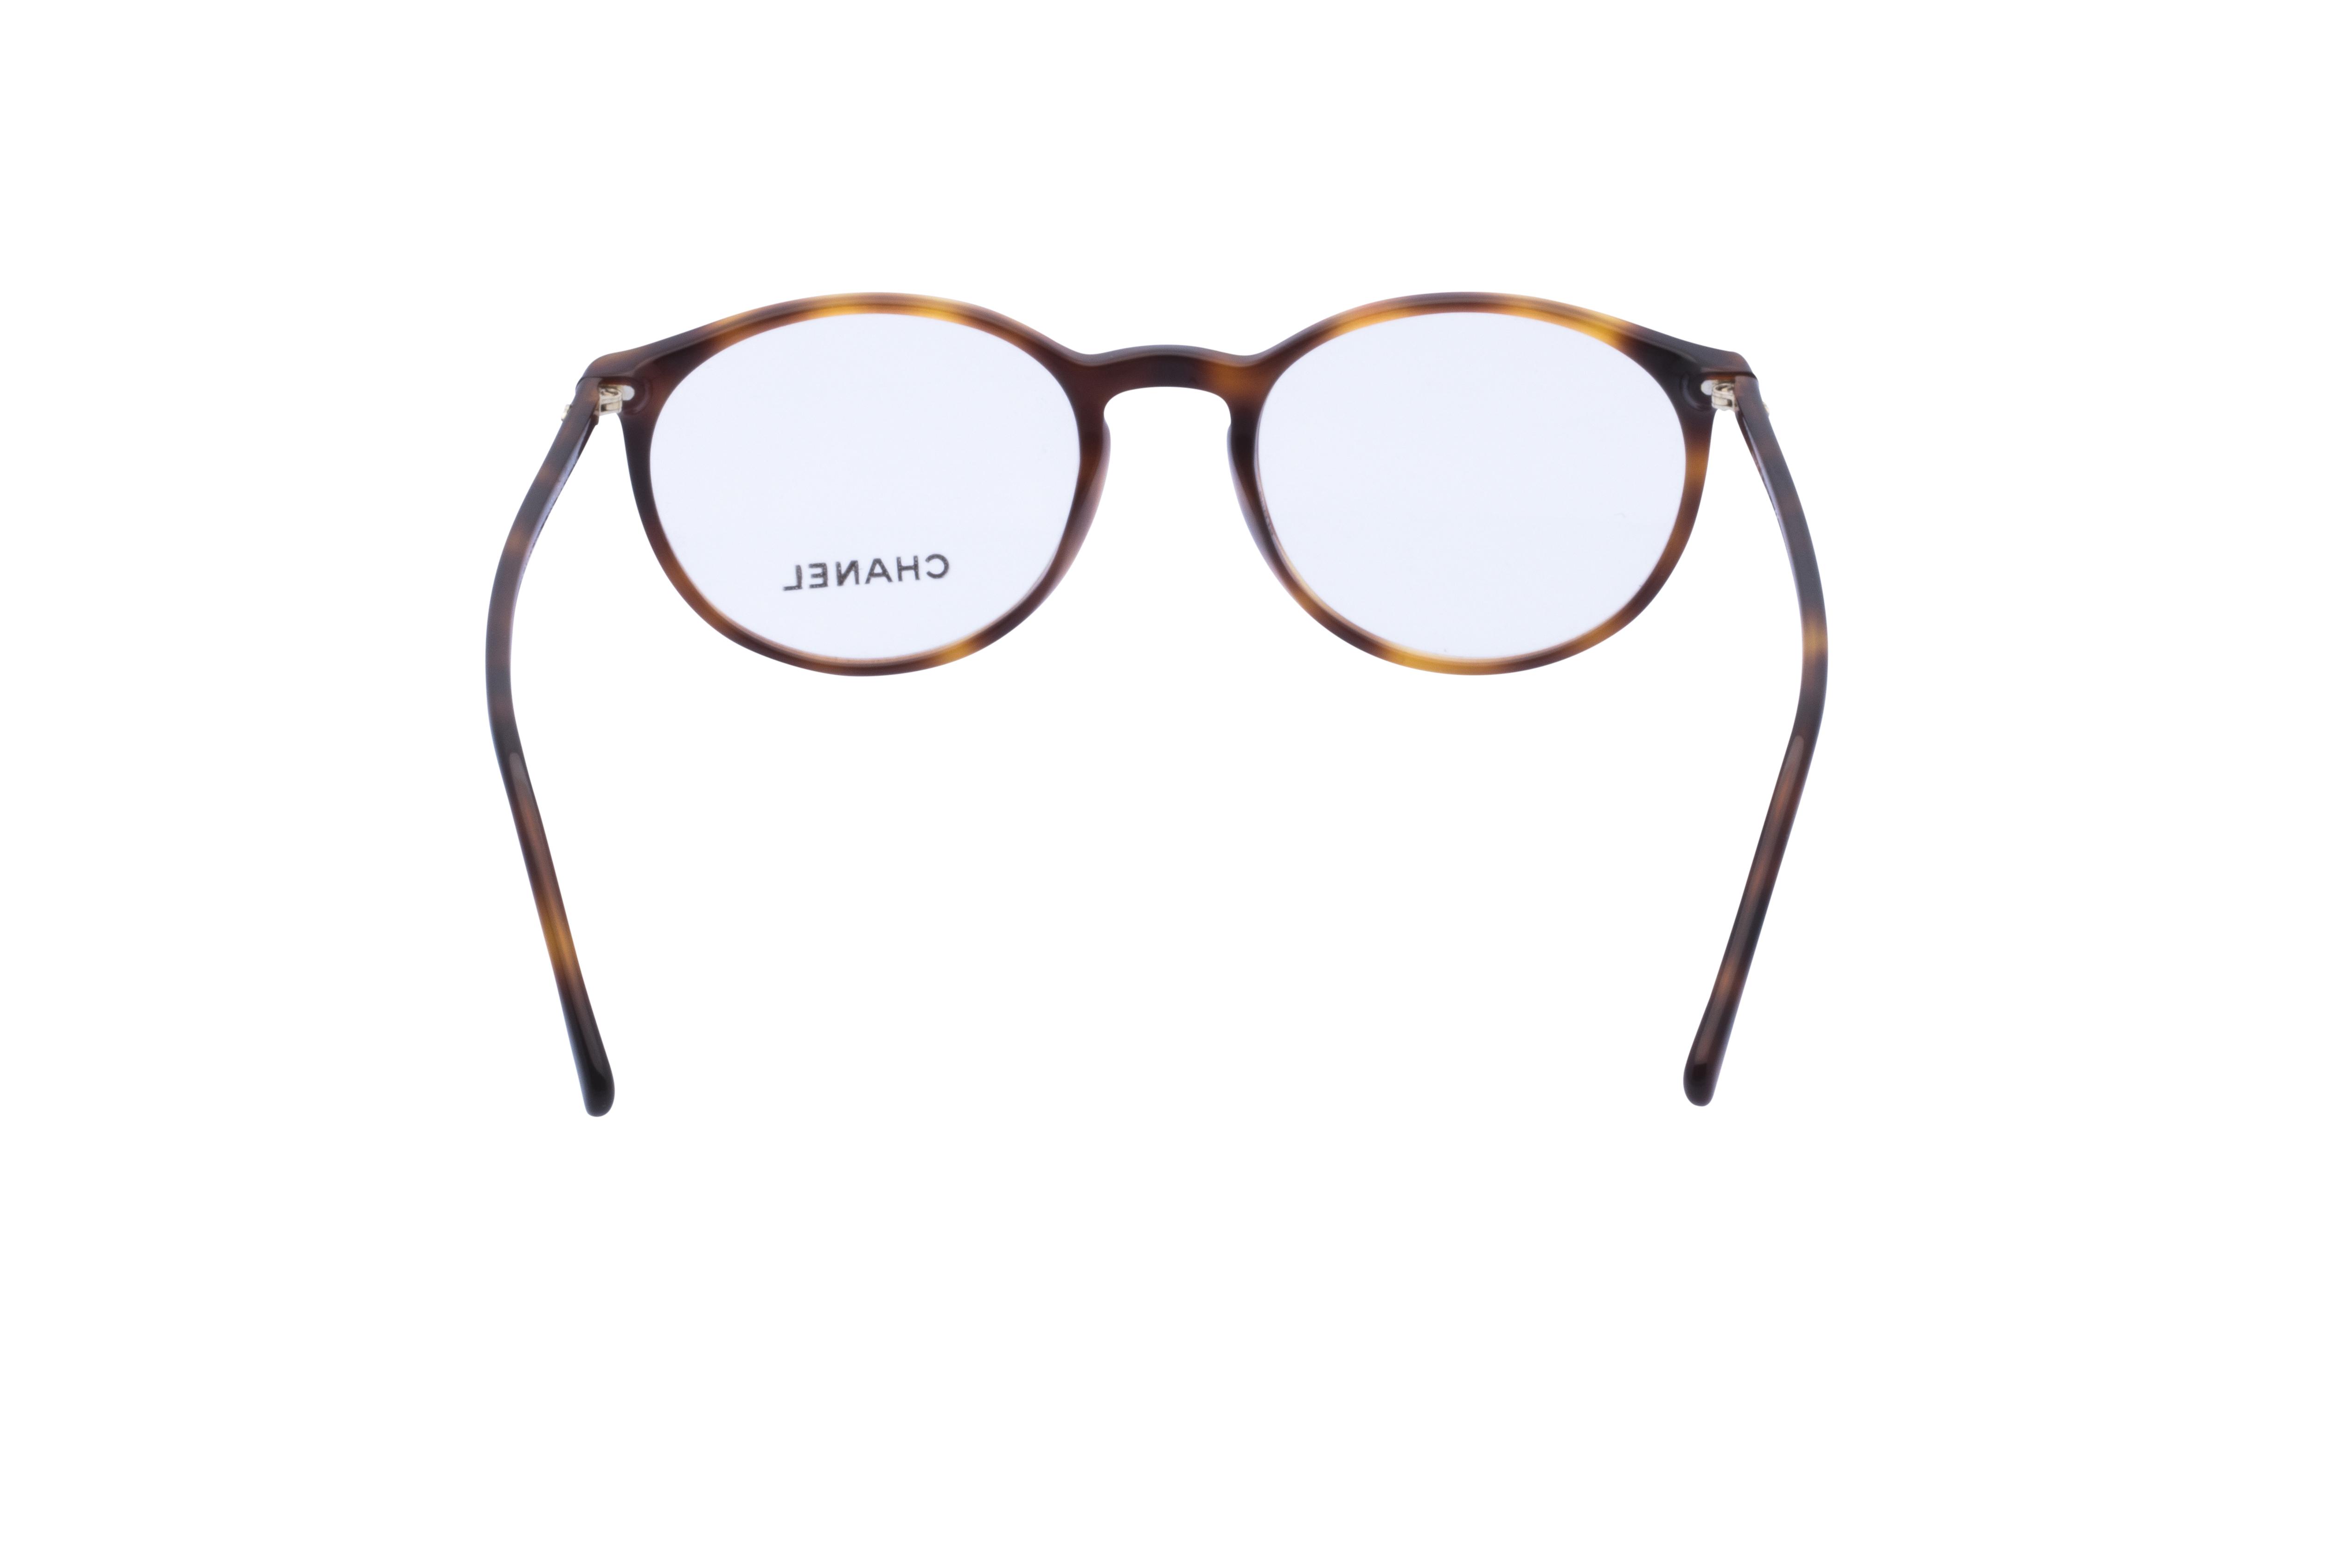 360 Grad Ansicht 12 Chanel 3372 Frontansicht, Brille auf Weiß - Fassung bei KUNK